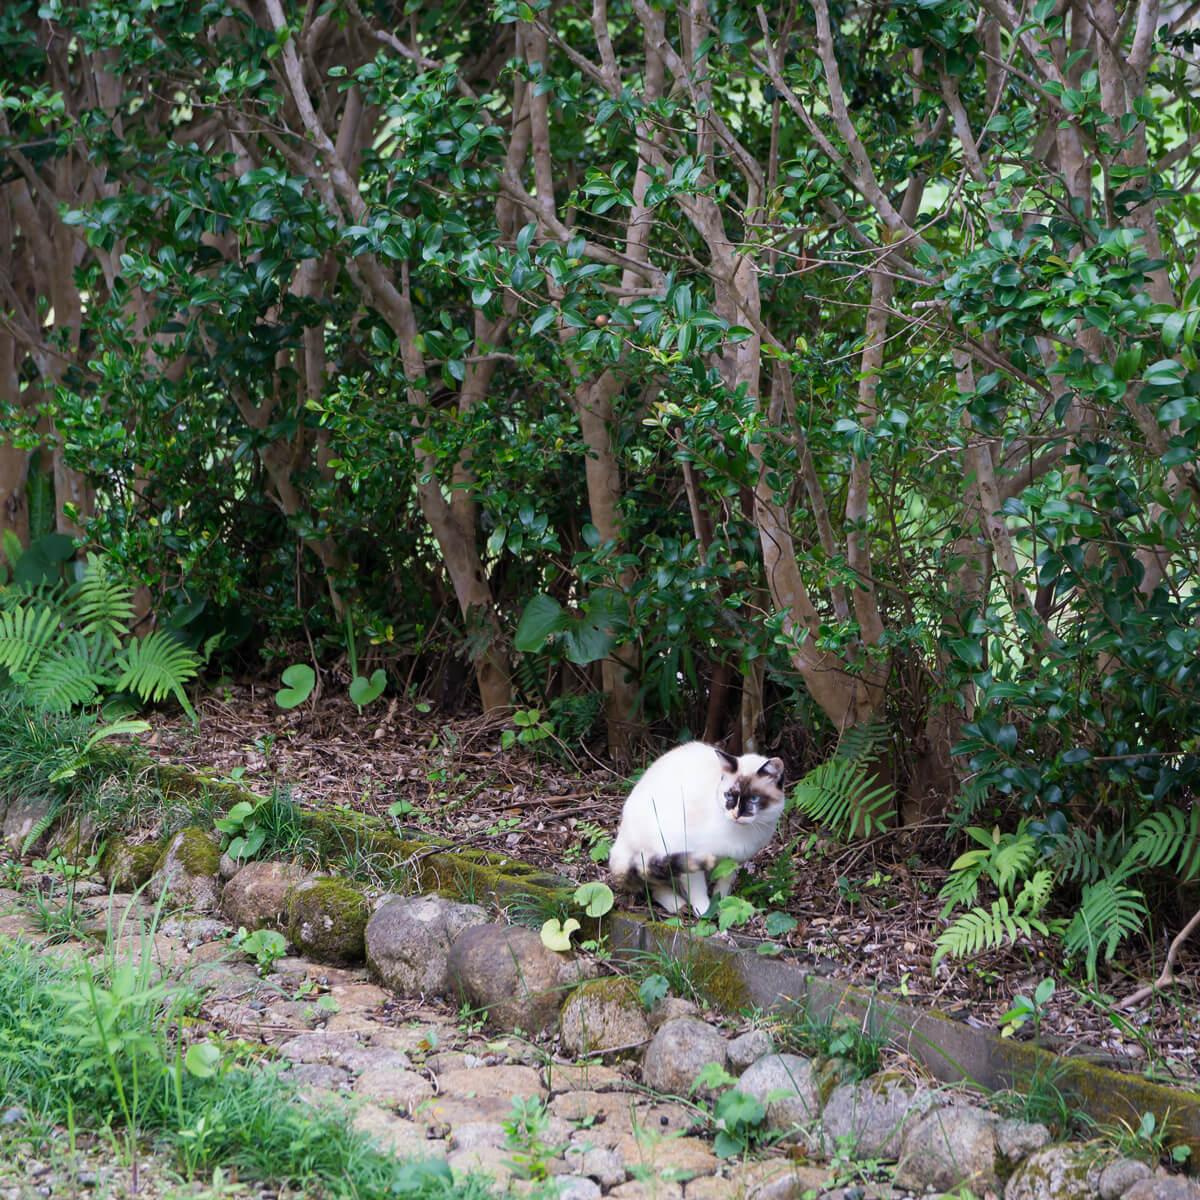 猫、ジュエリーのアトリエのにわ 屋久島日々の暮らしとジュエリー